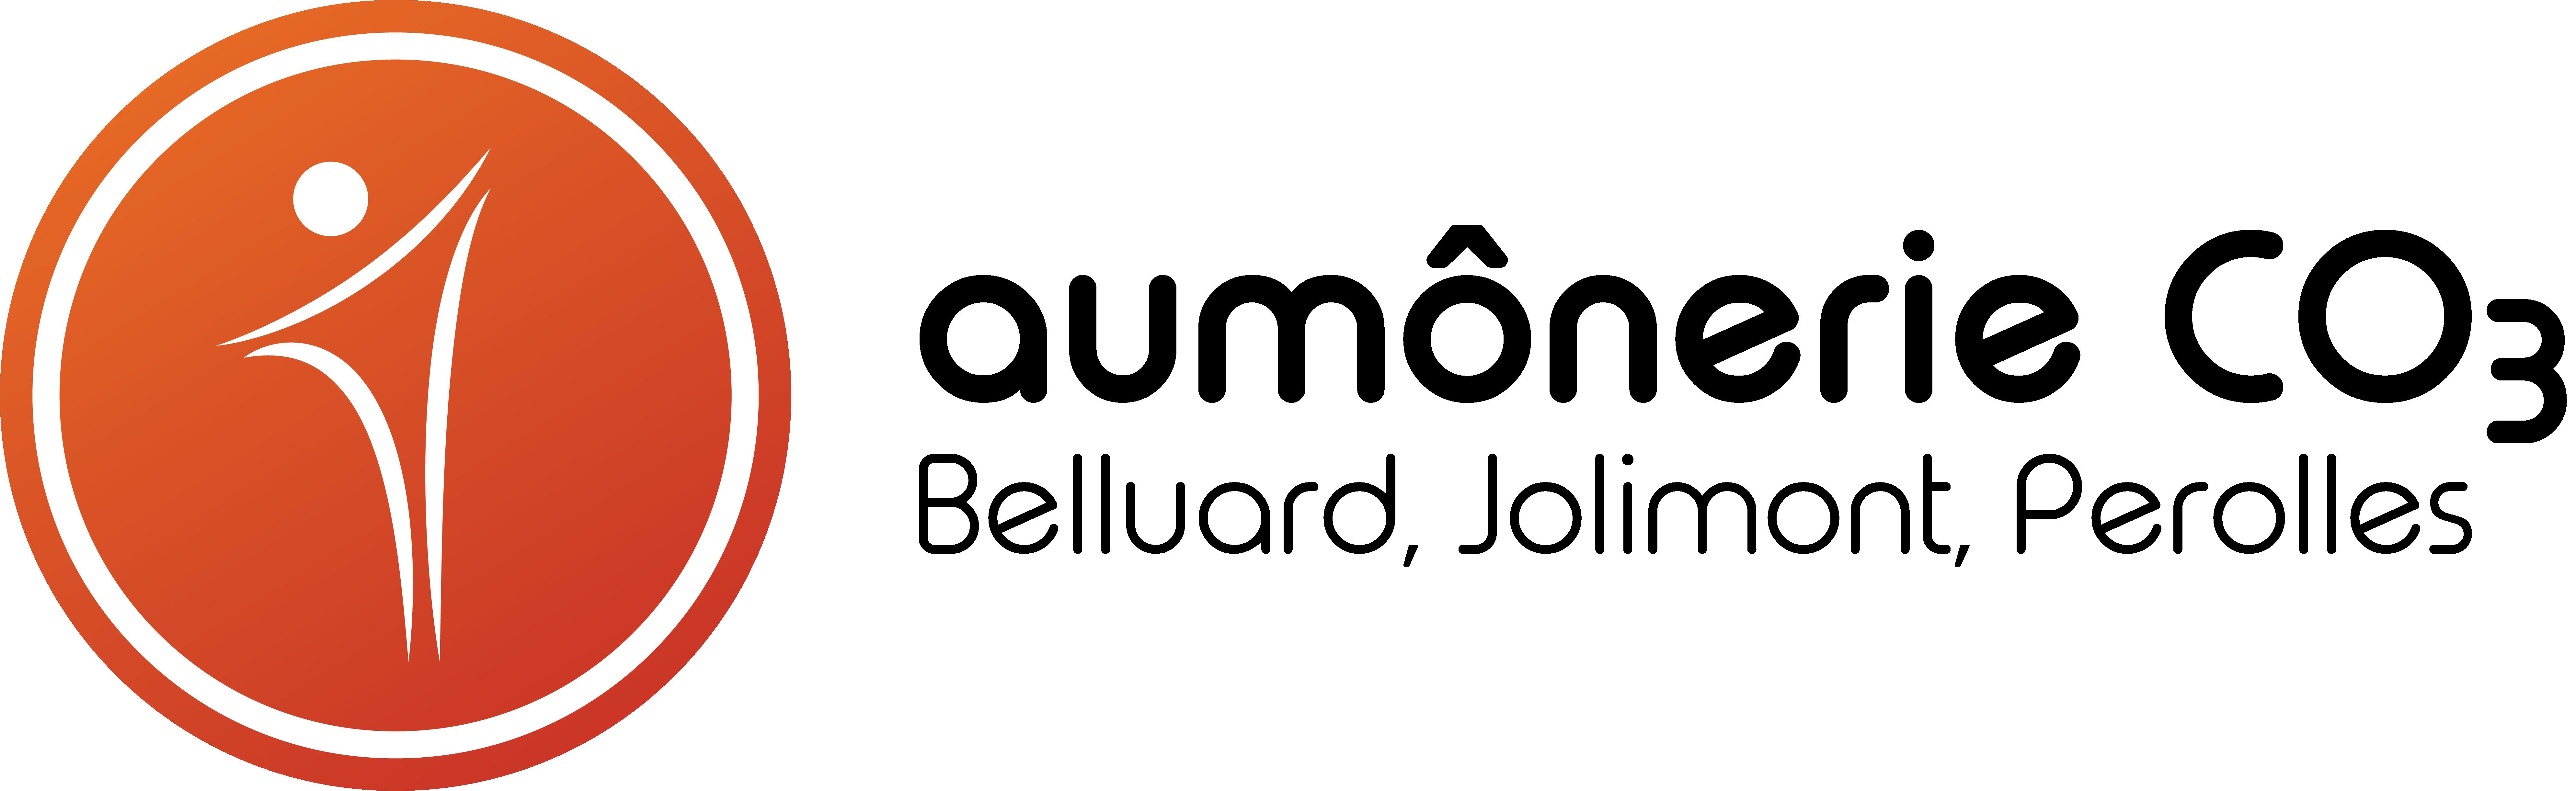 Aumônerie CO3